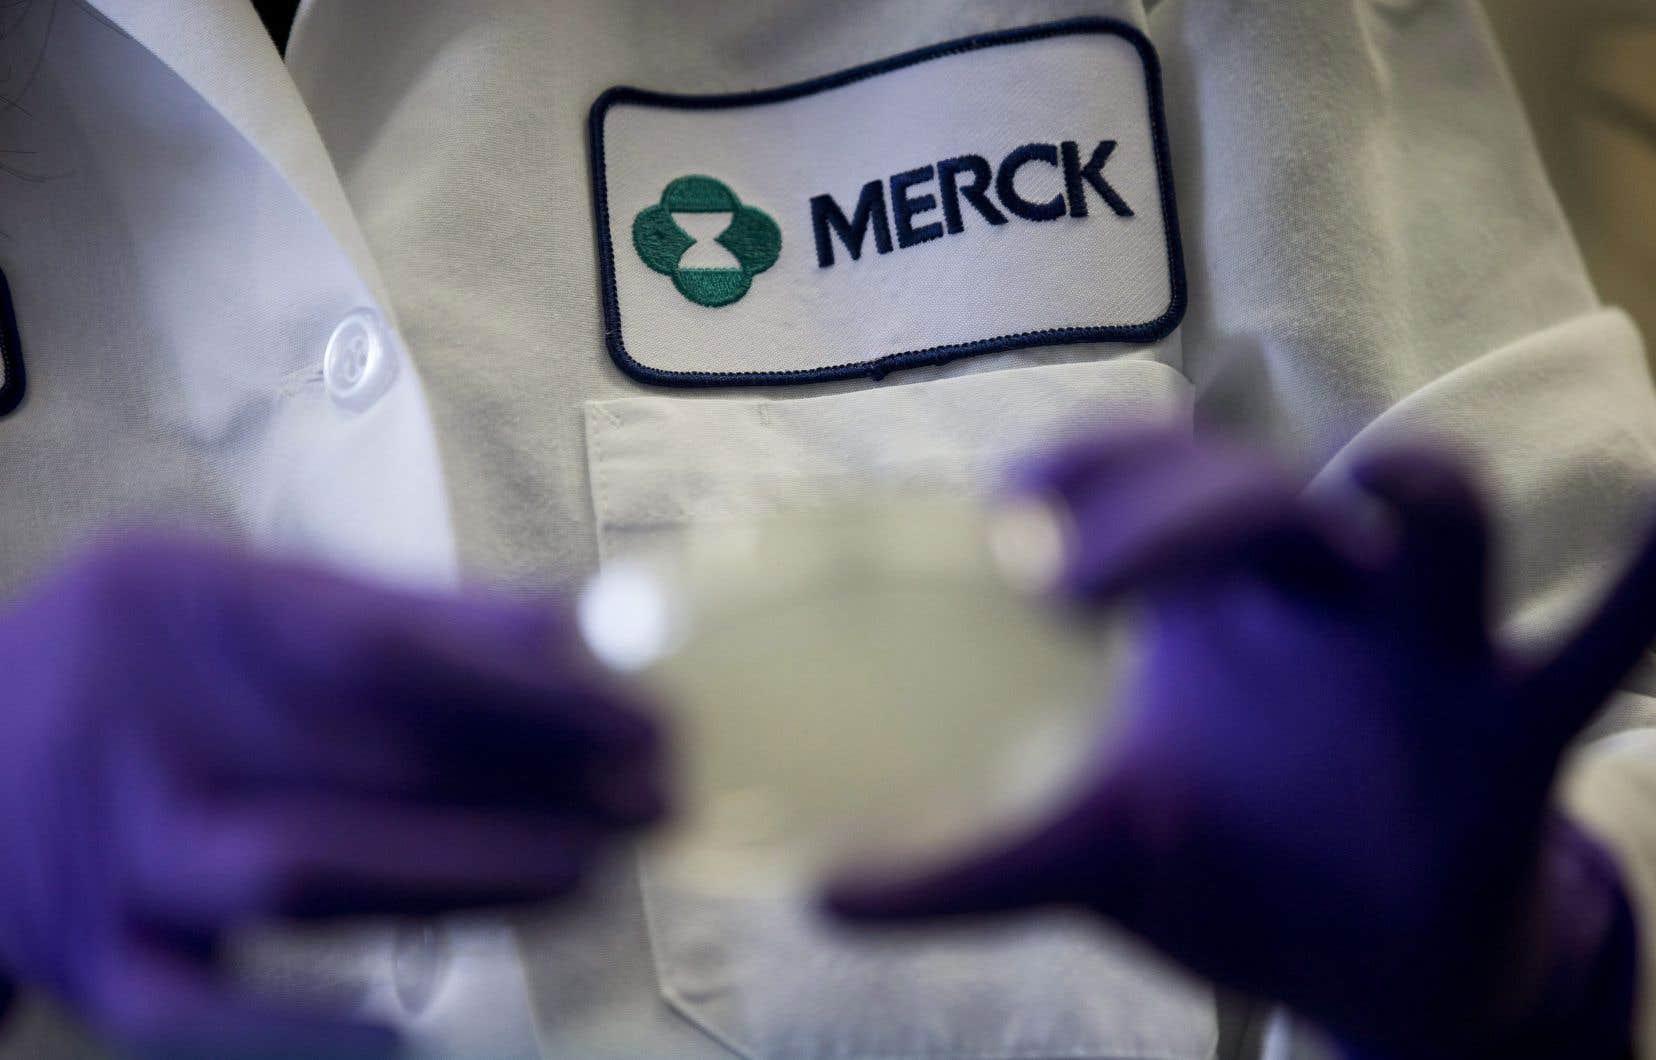 Le recours est dirigé contre Merck Canada et Merck Frosst Canada.